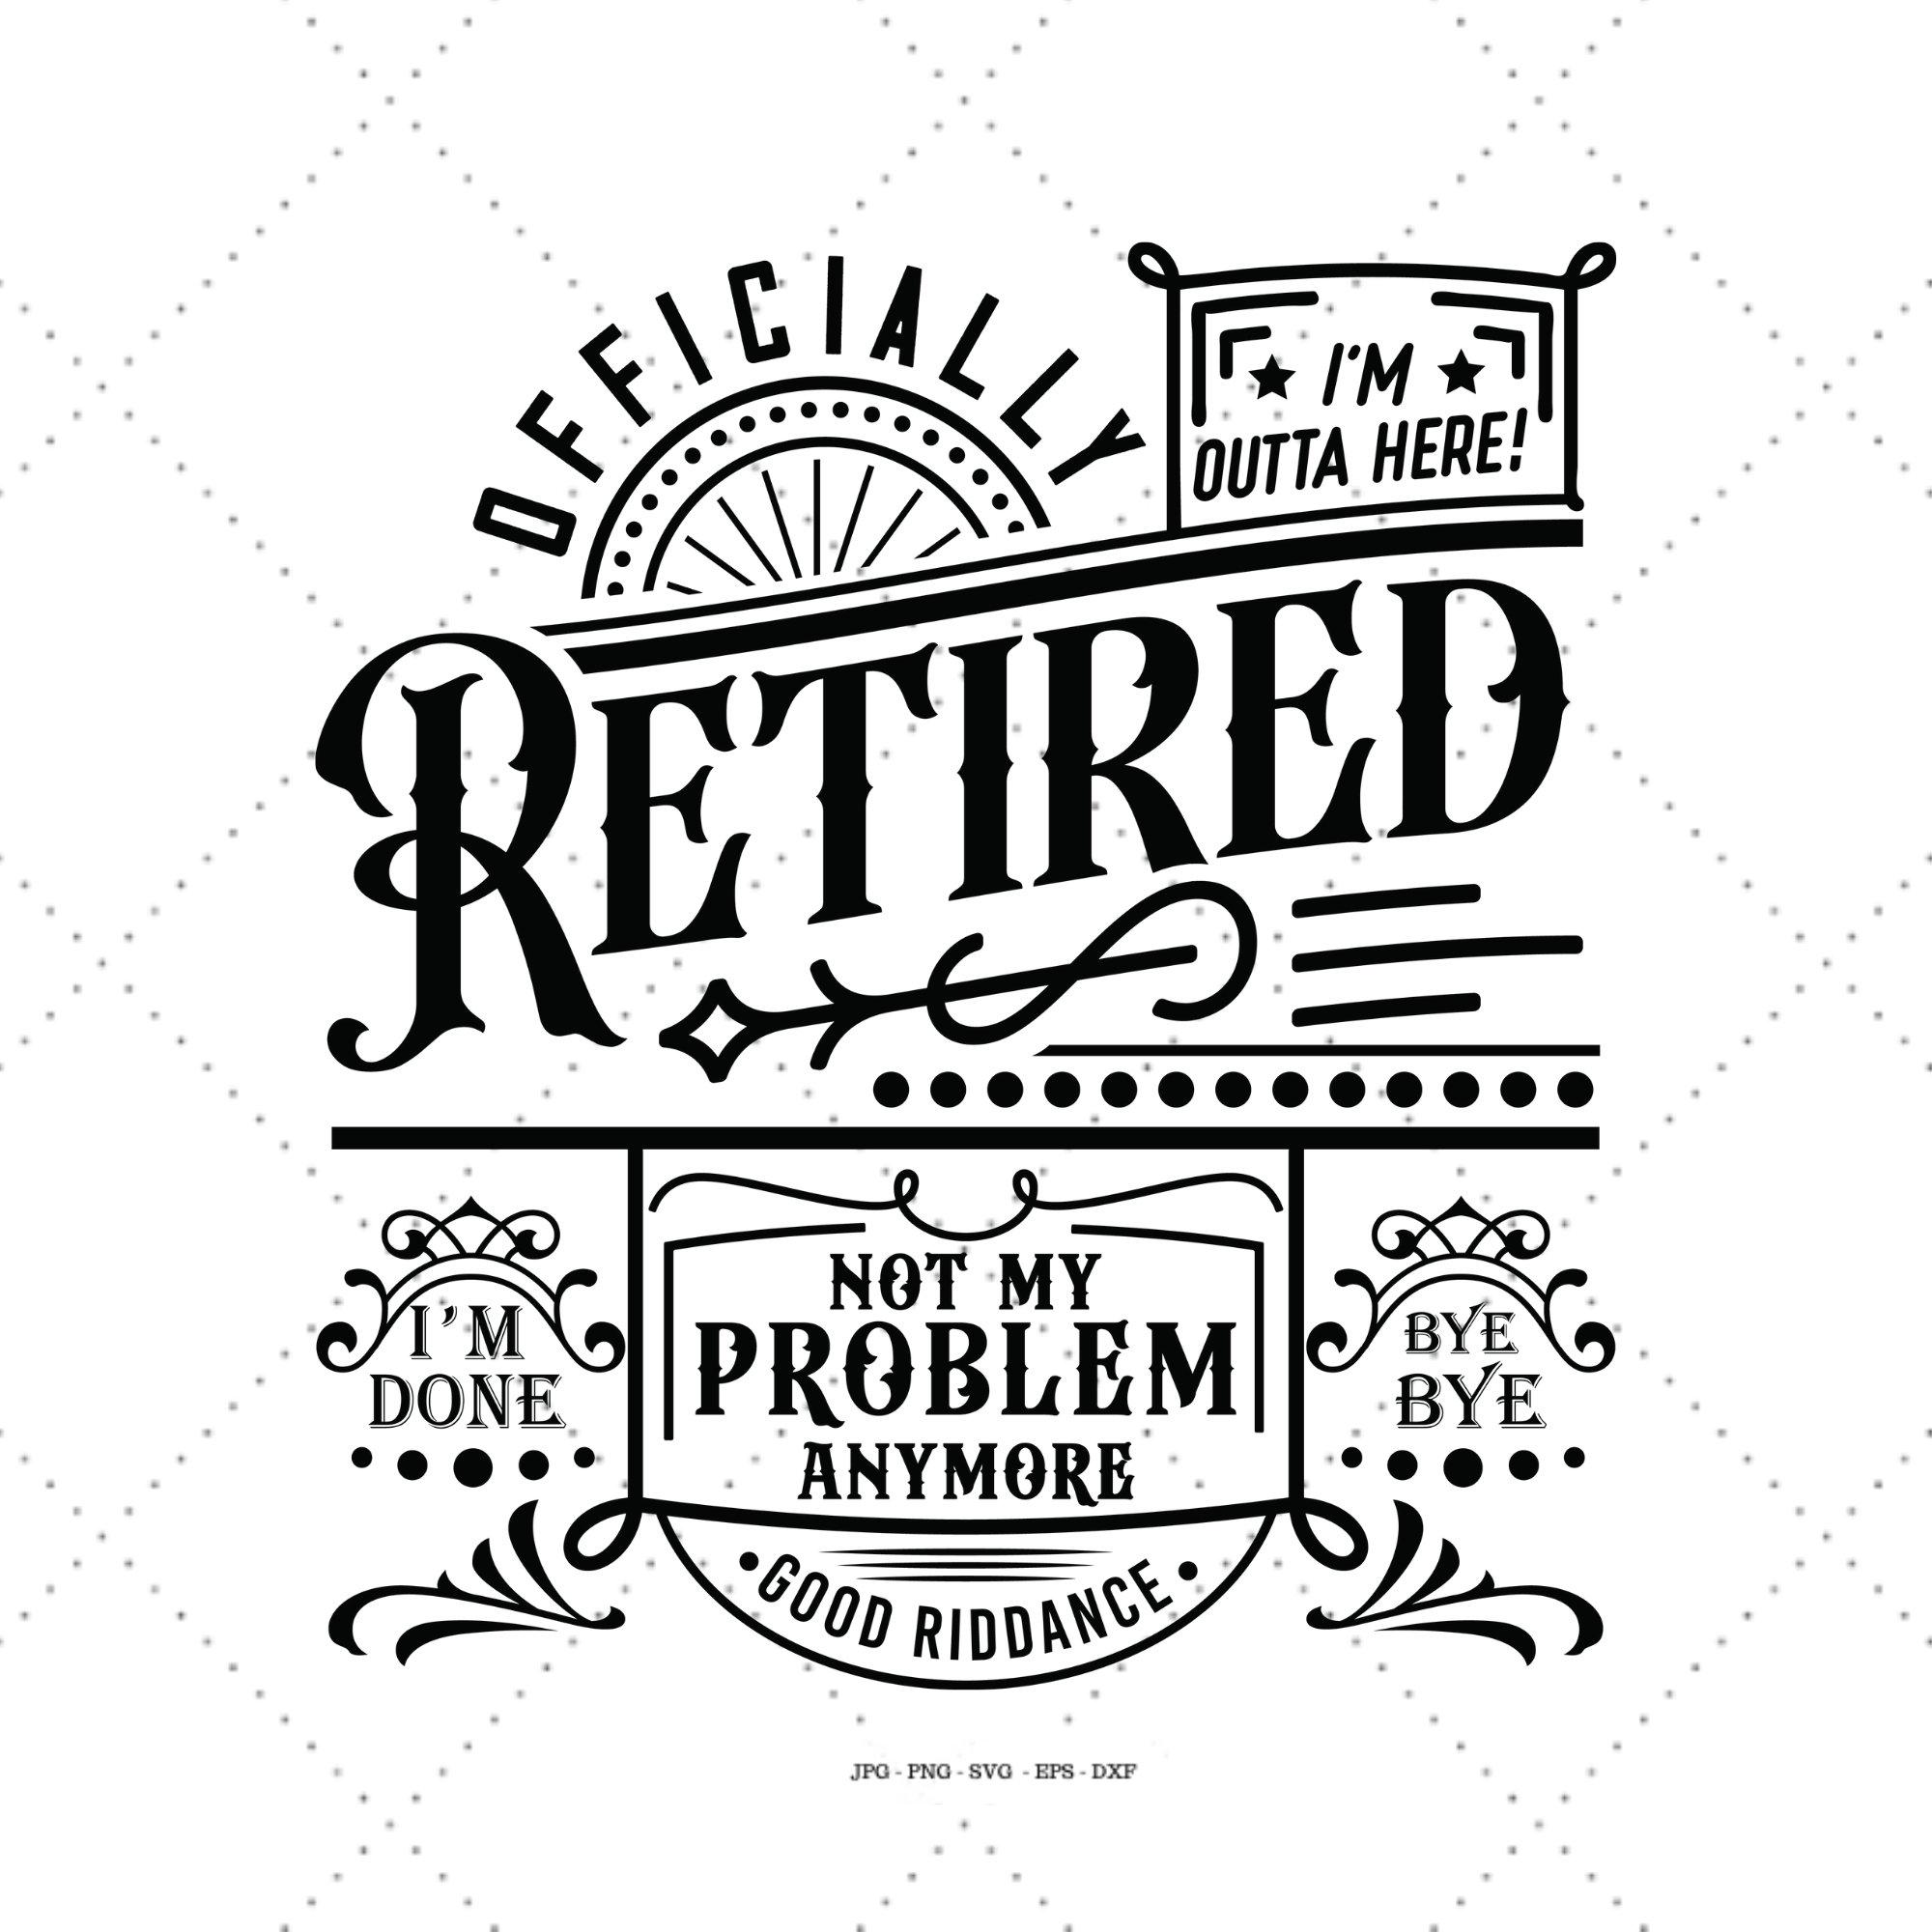 Ruhestandssvg Pensioniertes Svg Ruhestandsgeschenk Lustige